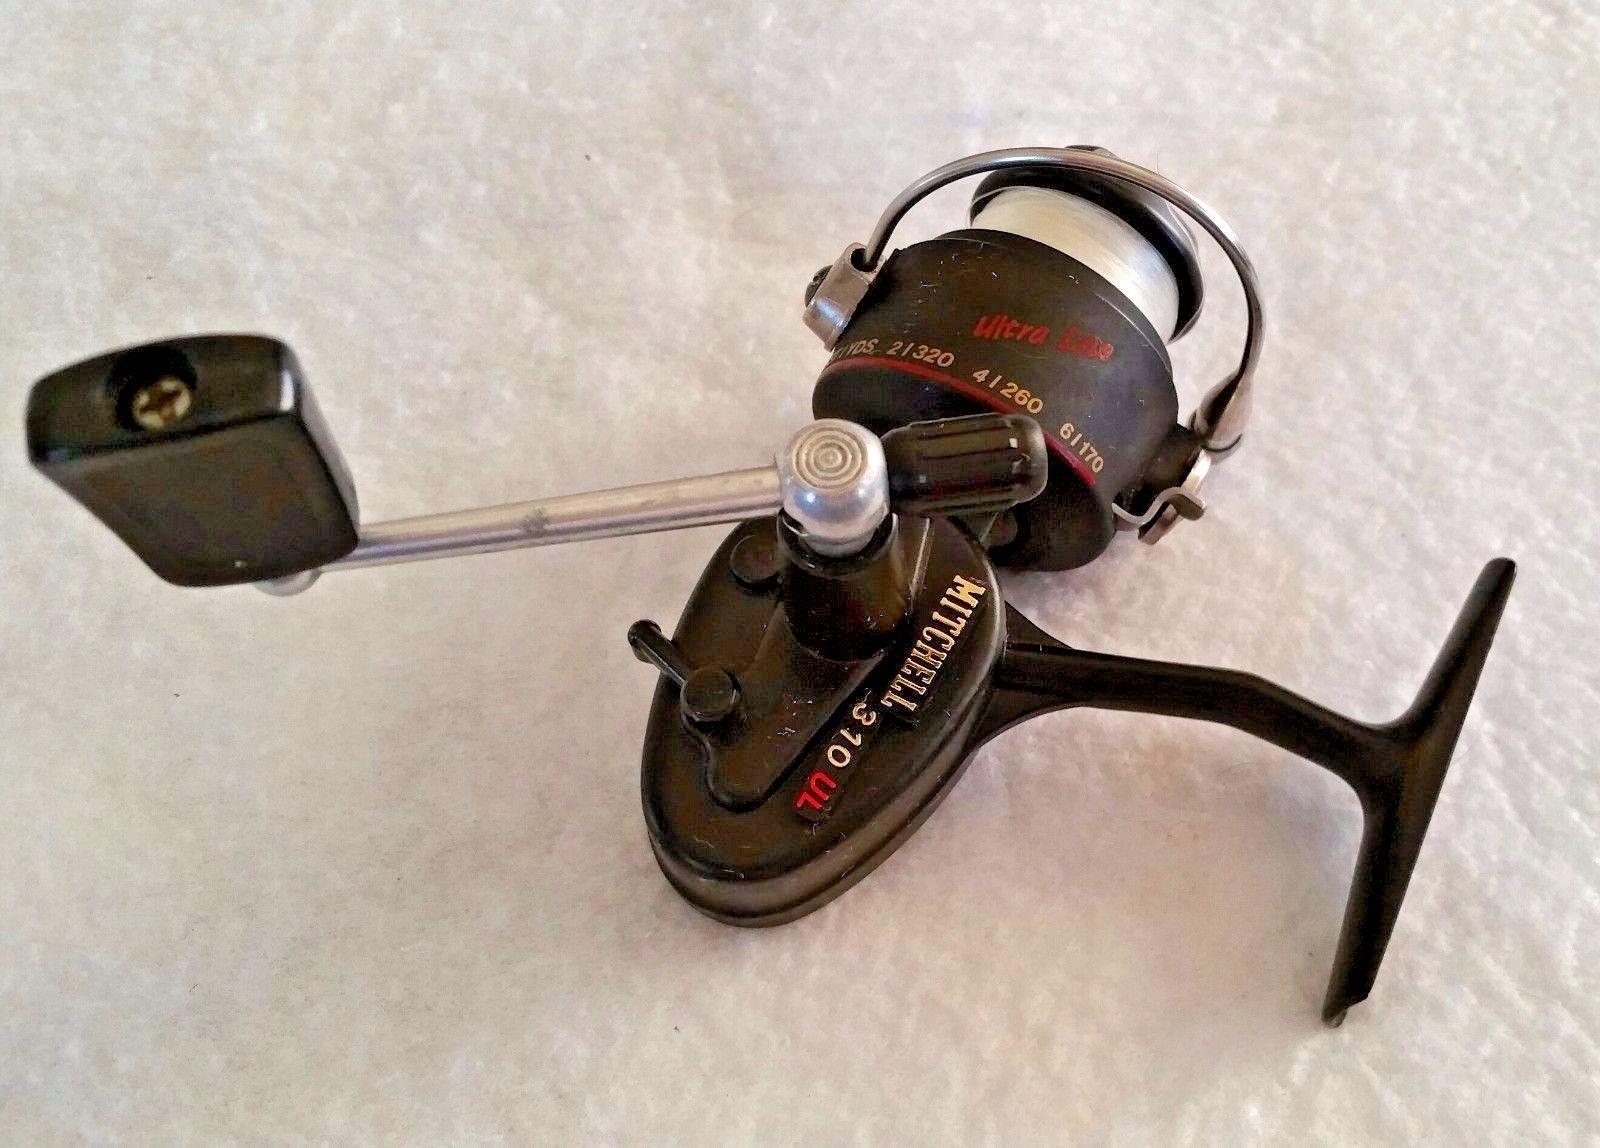 Garcia Mitchell 310 UL Ultra Light Spinning Reel